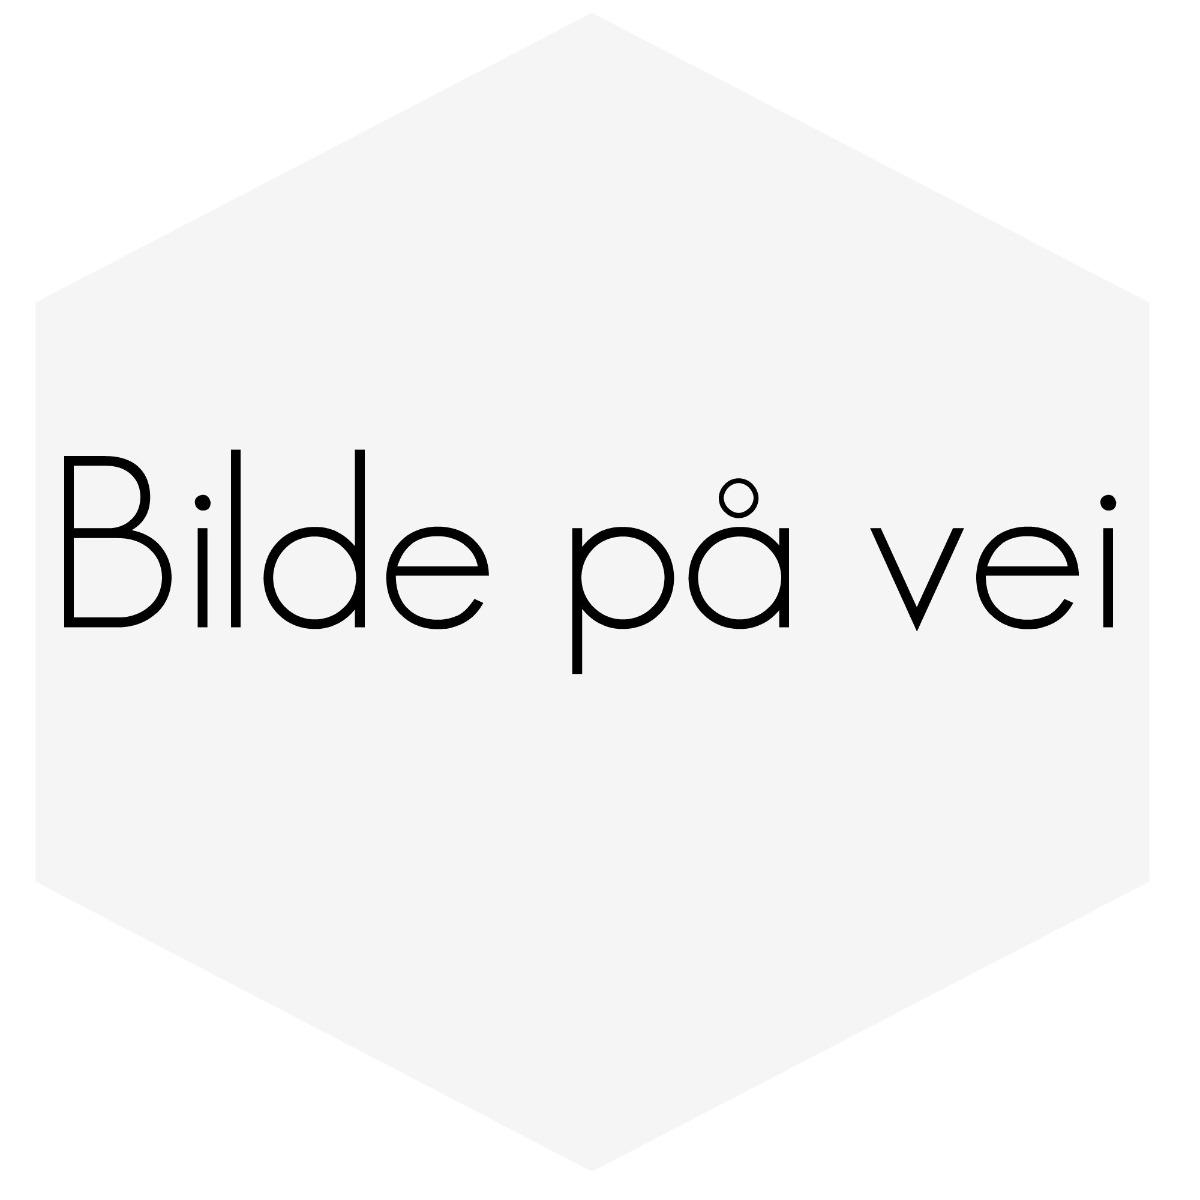 KLIPS TIL DIV VOLVO 3541113